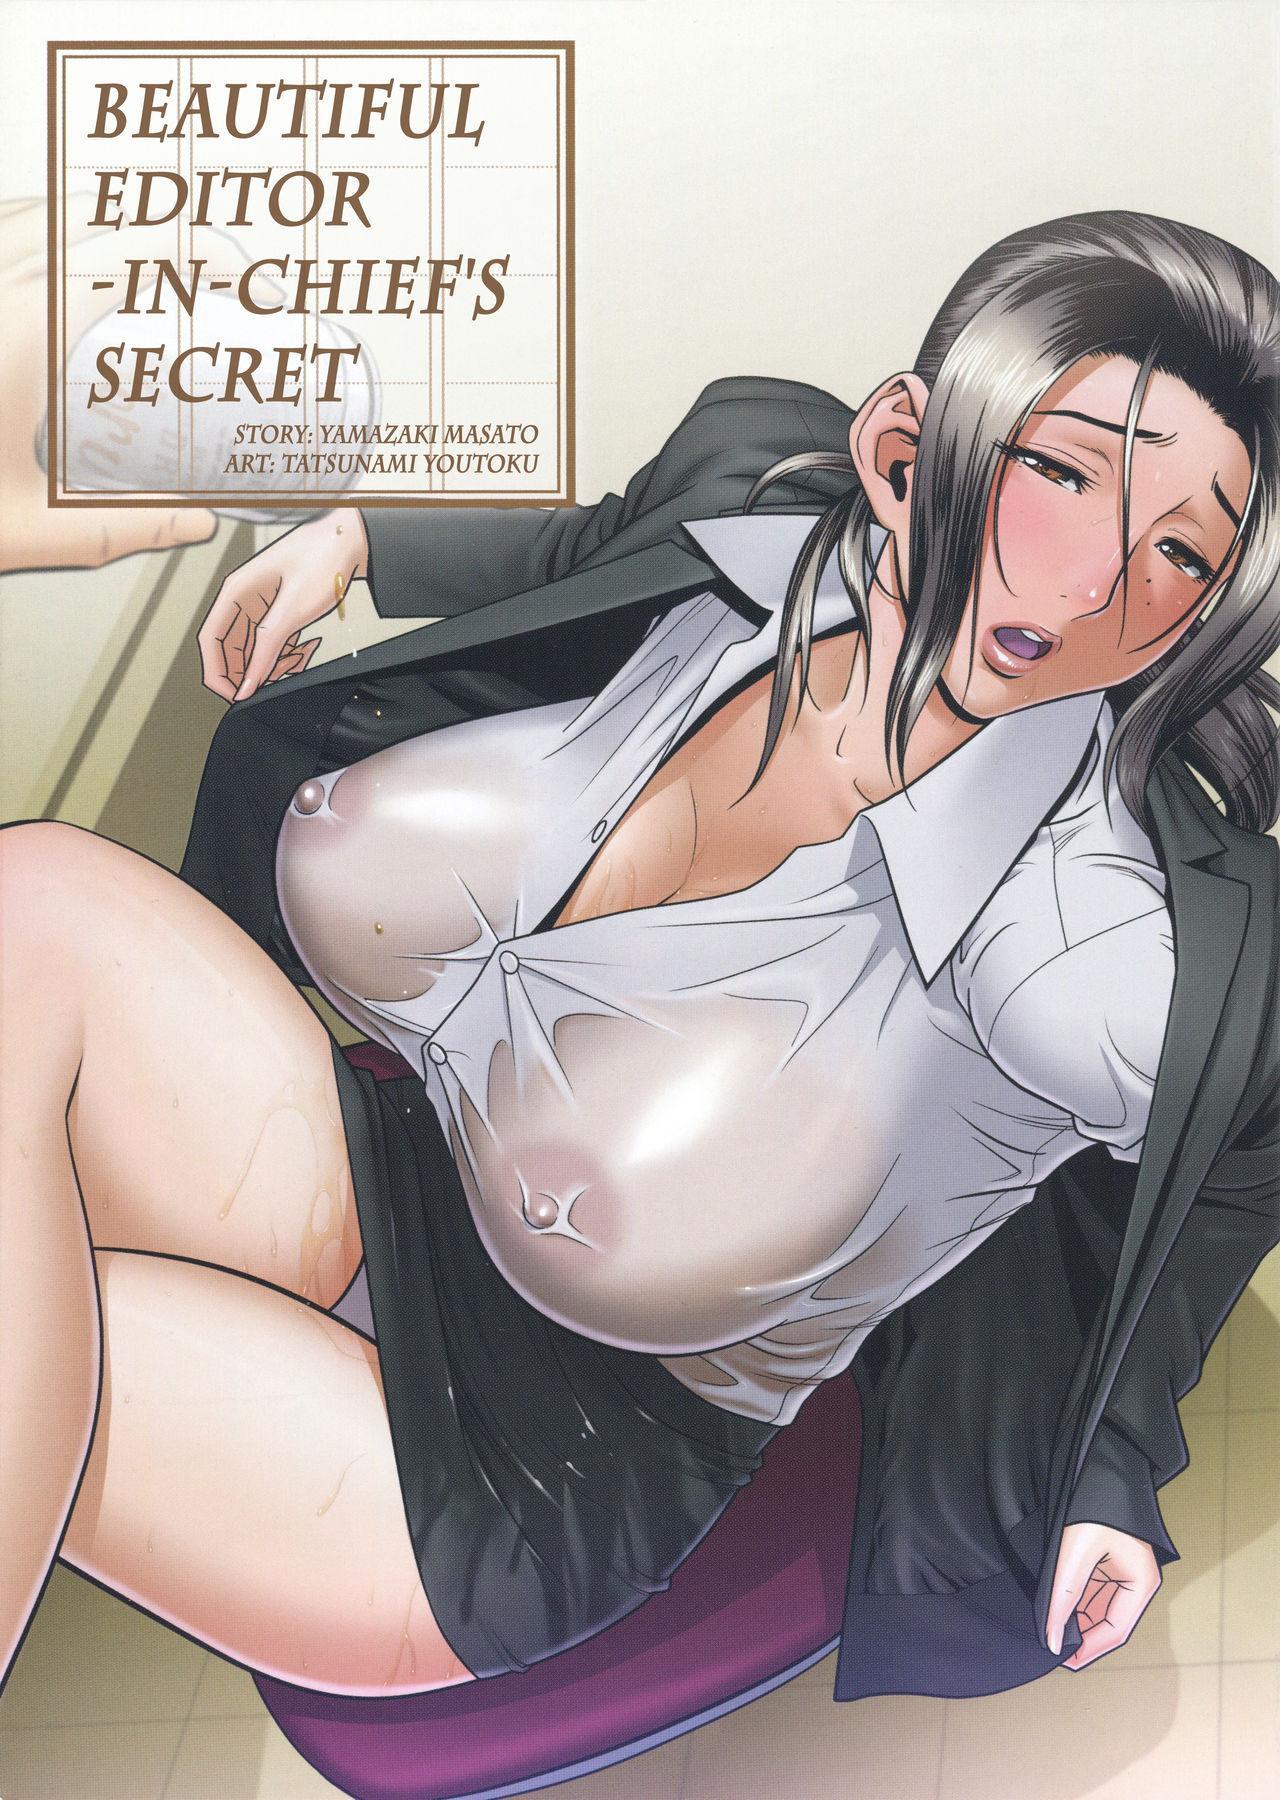 [Tatsunami Youtoku, Yamazaki Masato] Bijin Henshuu-chou no Himitsu | Beautiful Editor-in-Chief's Secret Ch. 1-3 [English] [Forbiddenfetish77, Red Vodka] [Decensored] 2